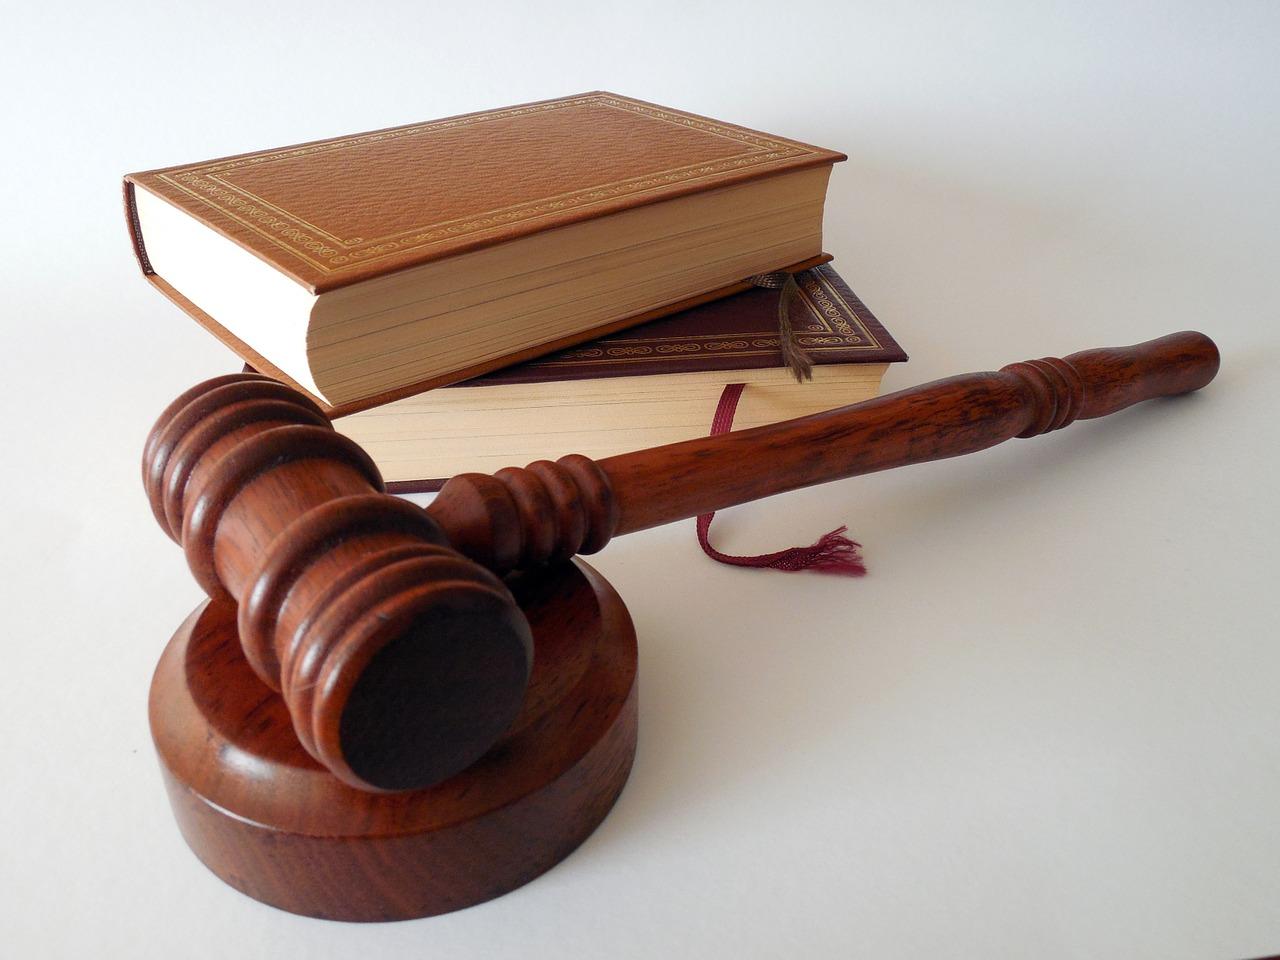 Gratuito patrocinio e diritti lgbt, il rischio delle semplificazioni